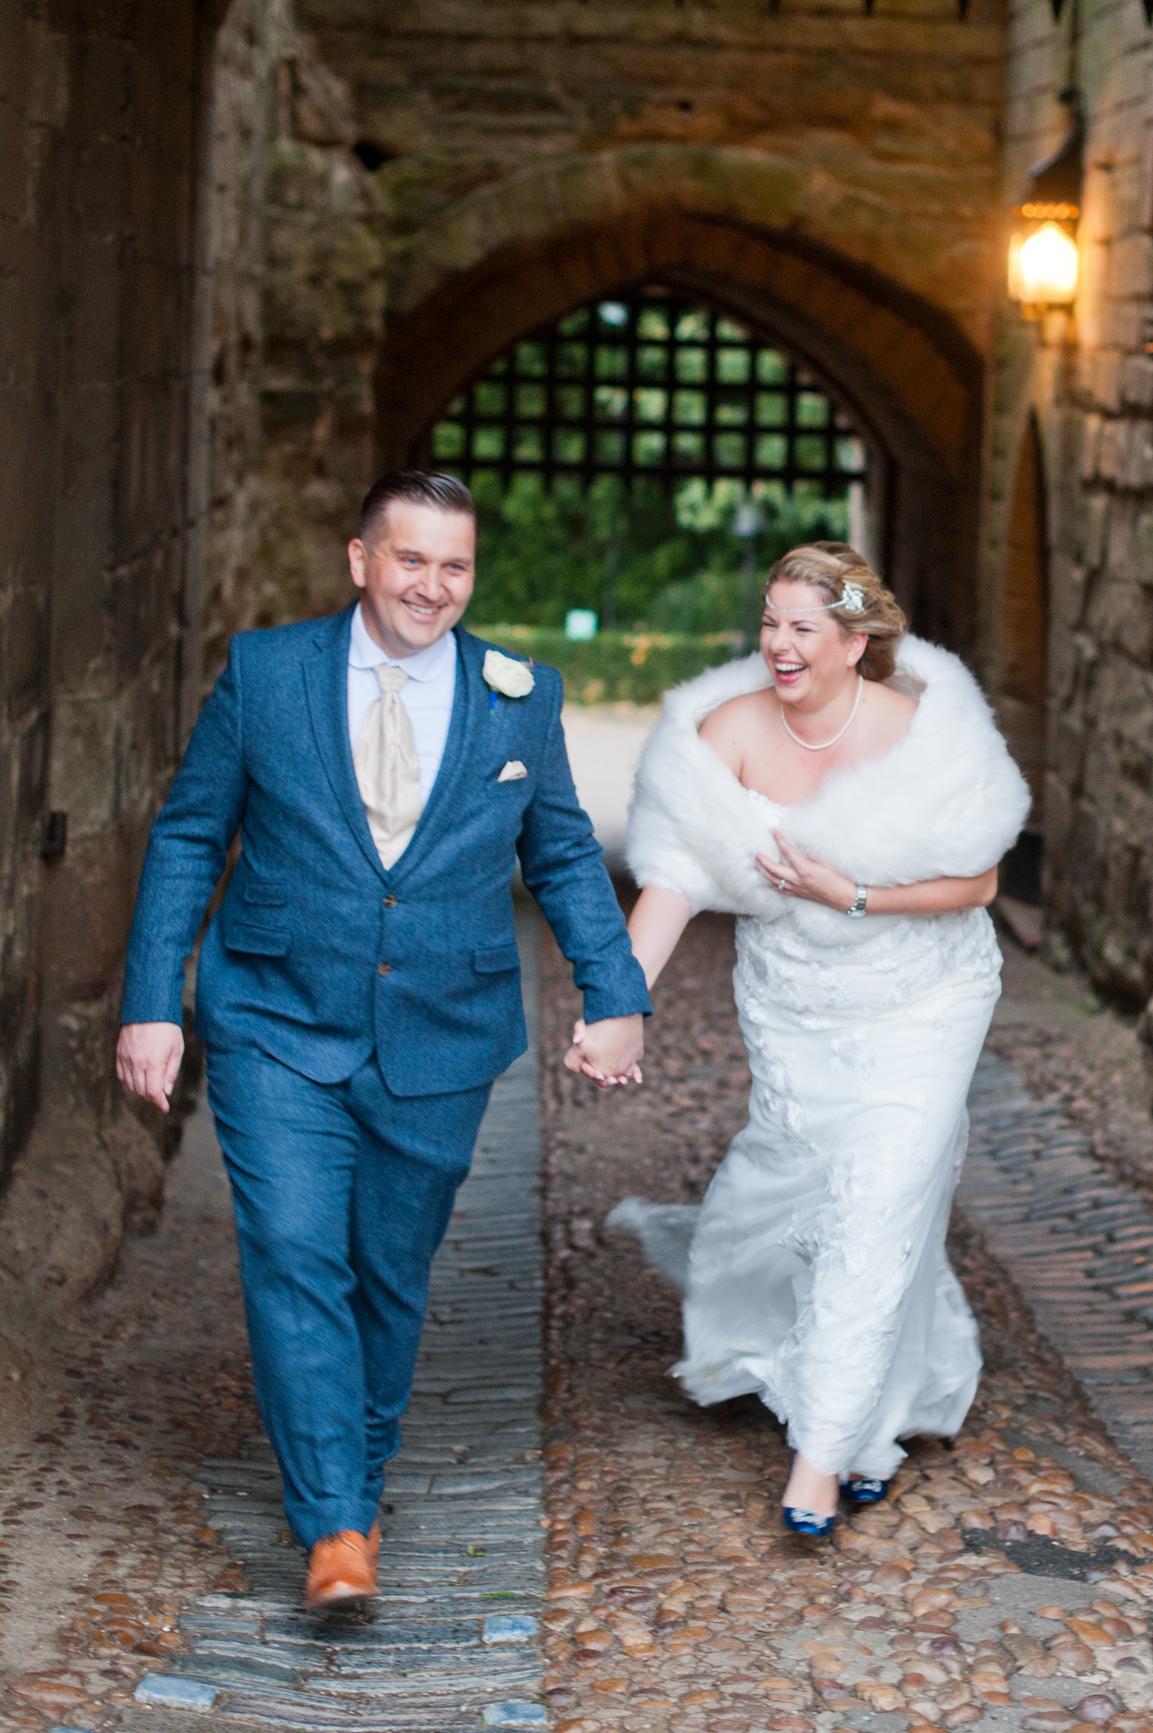 warwick castle wedding photography (51 of 67).jpg